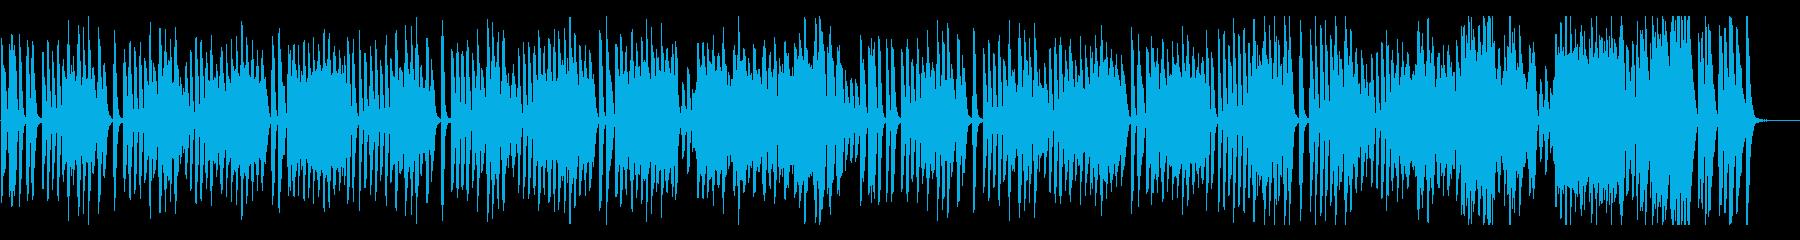 楽しい説明・紹介、ピアノ、ラグタイムの再生済みの波形